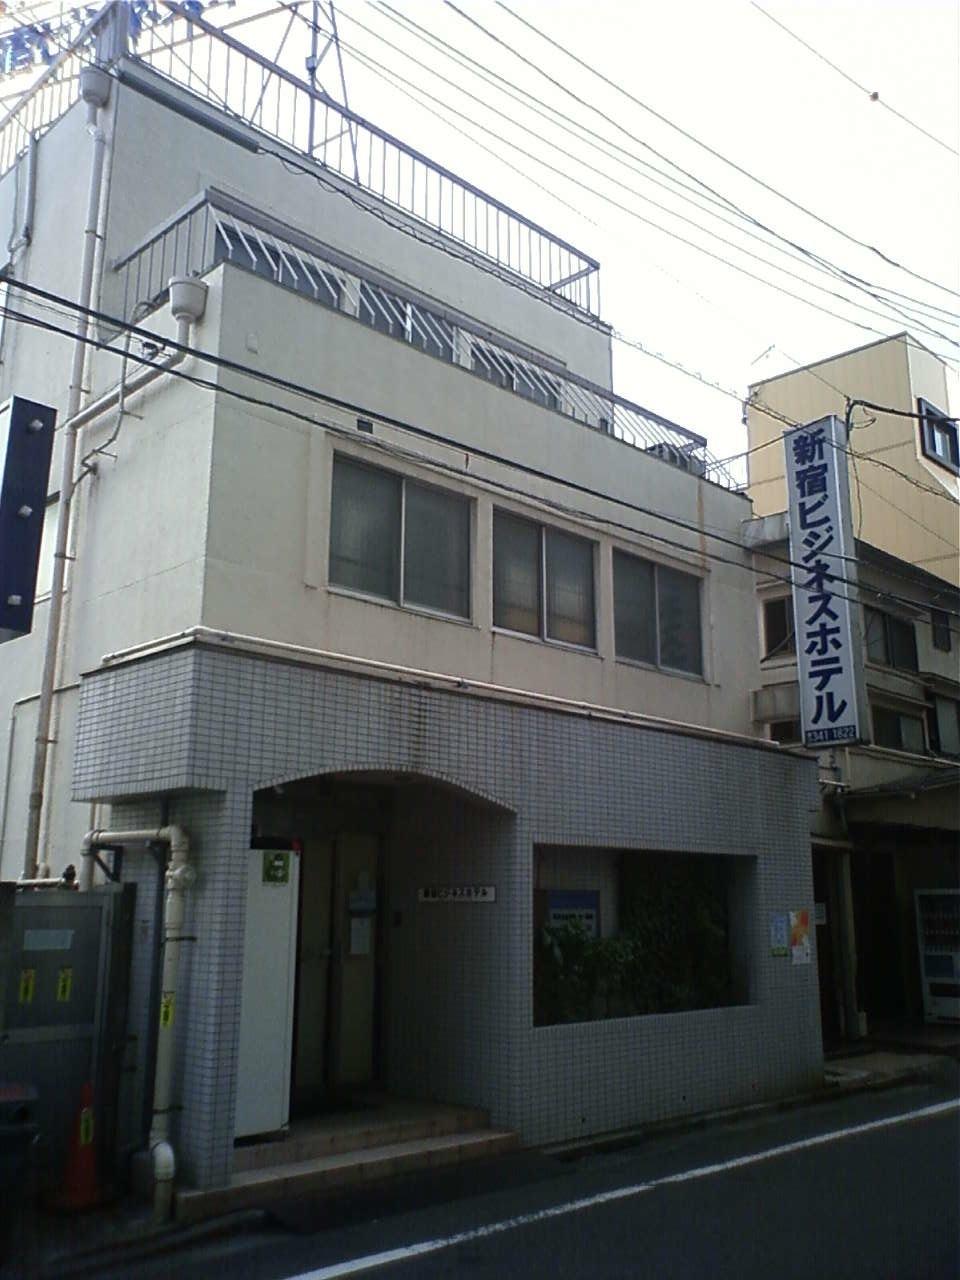 写真 新宿四丁目付近 4_b0136144_6321328.jpg